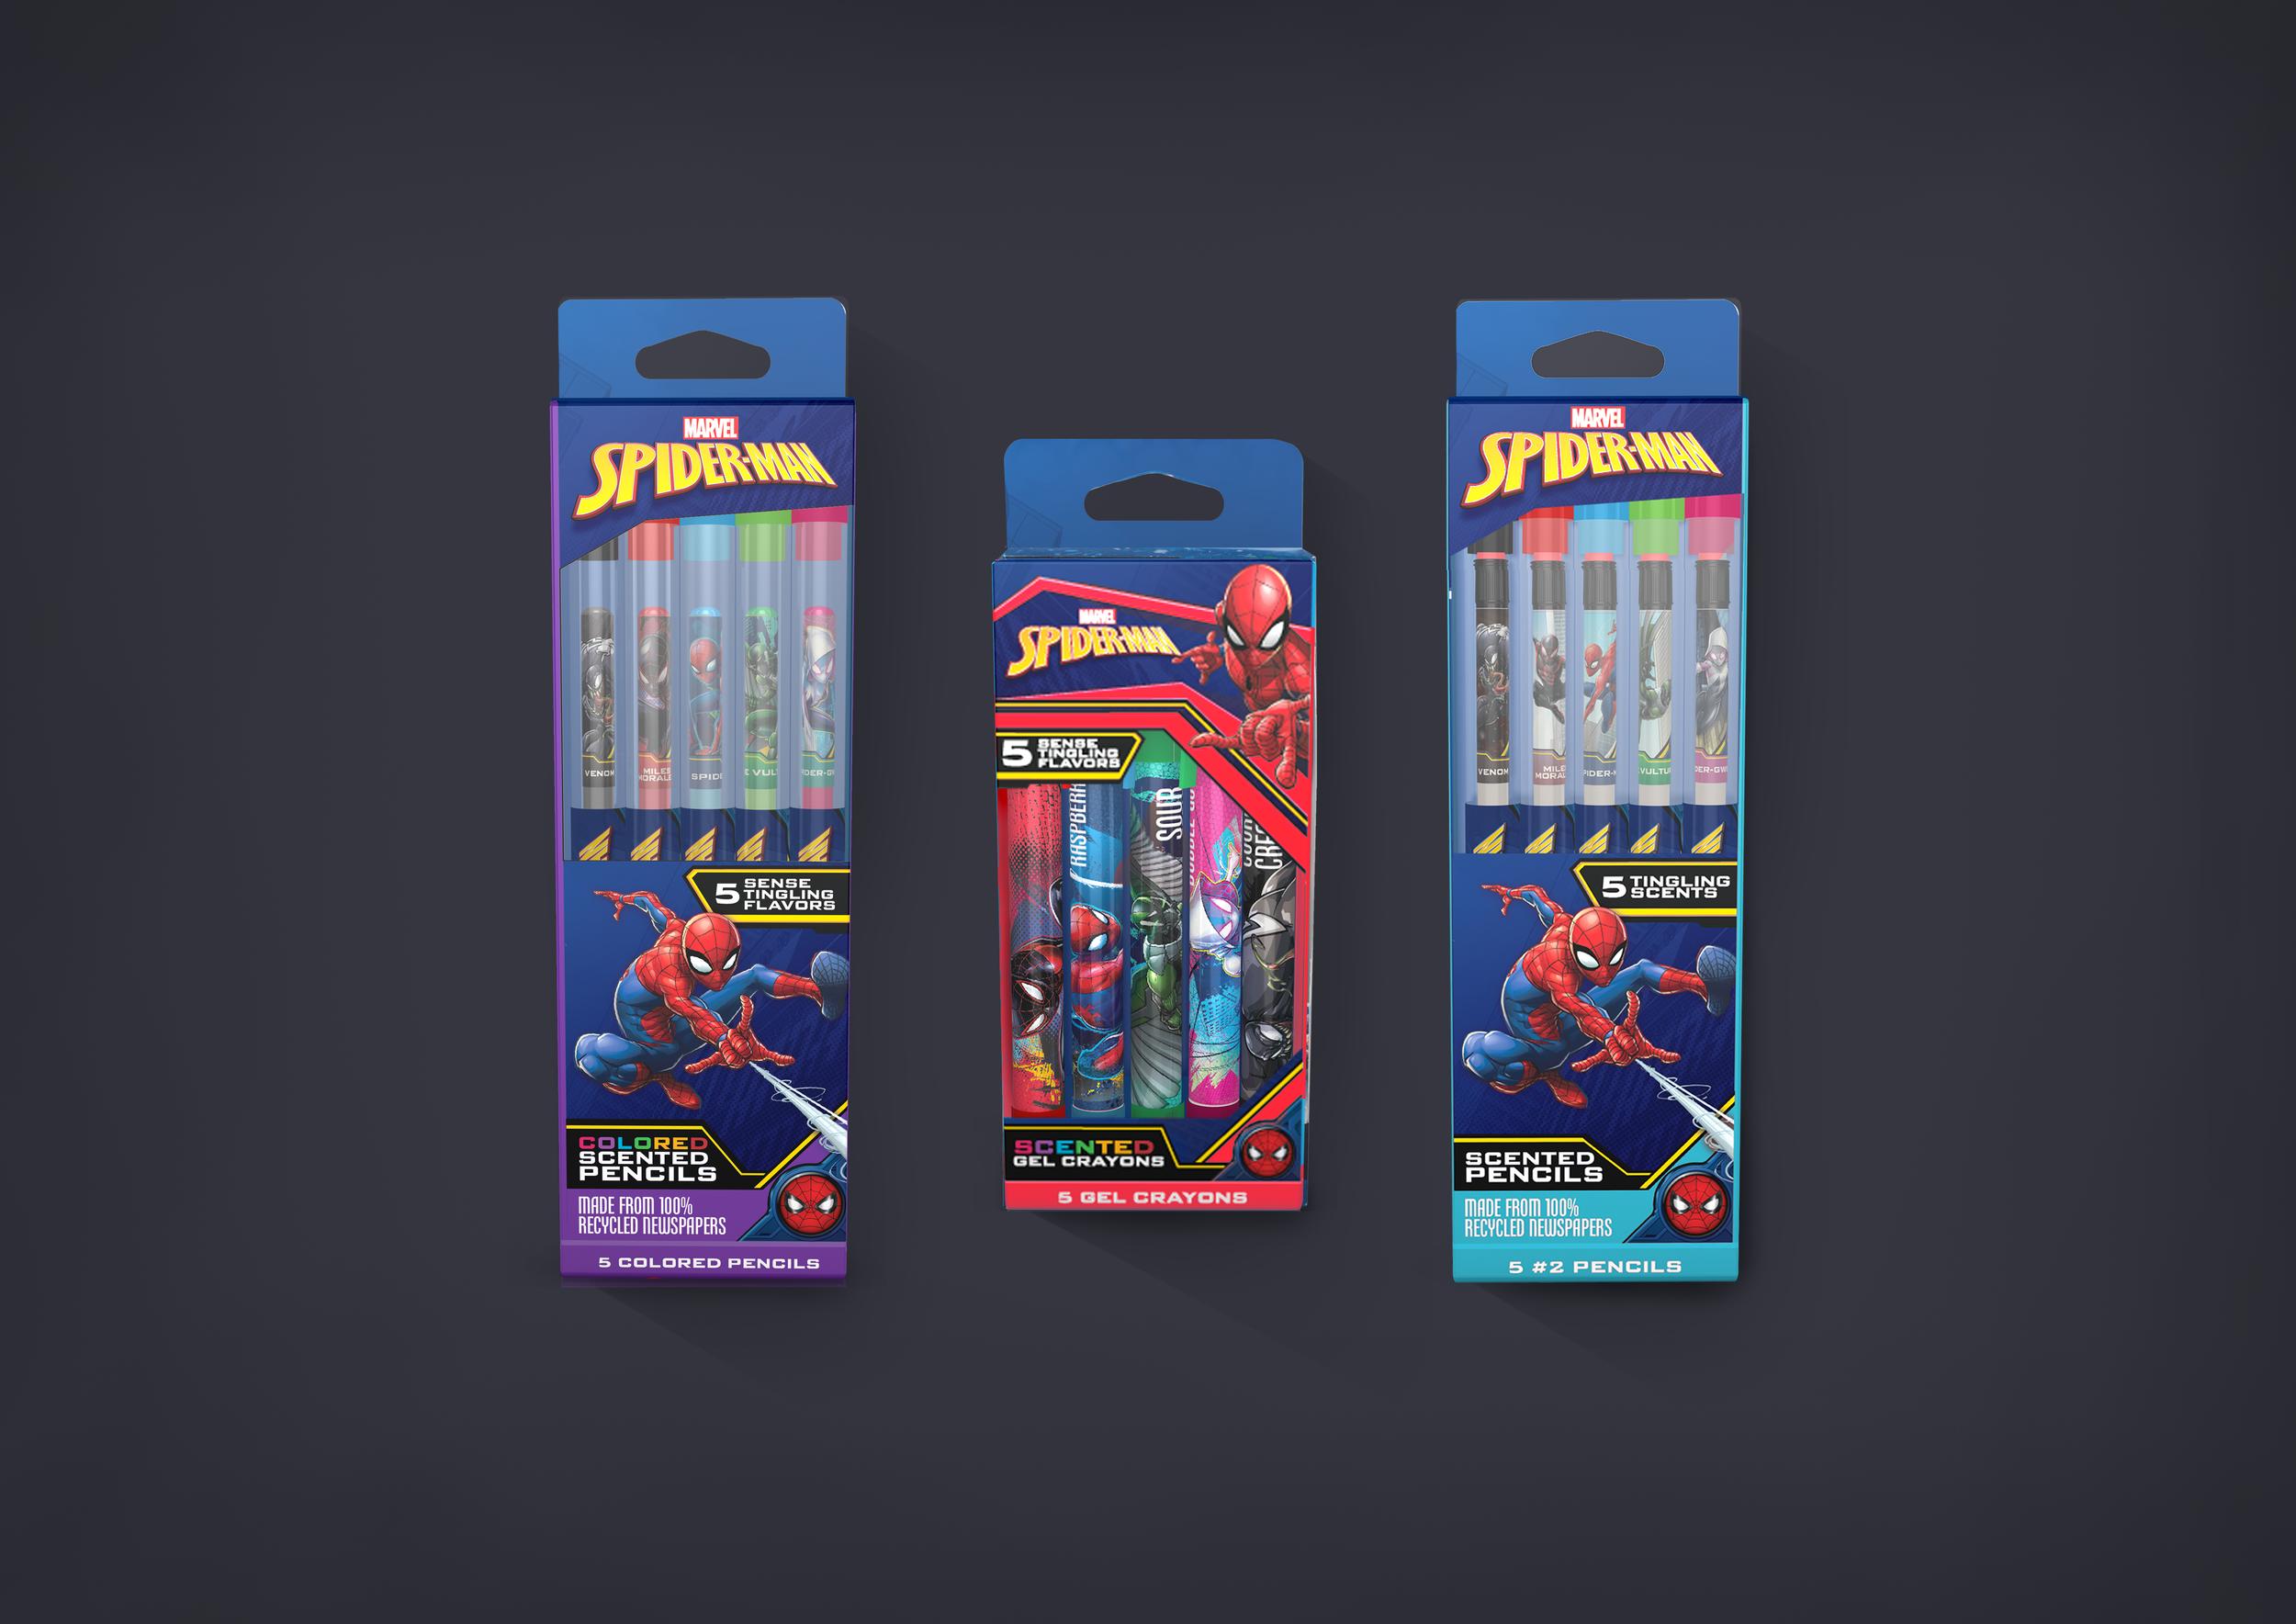 Packaging-examples-spdider-man_dark.png